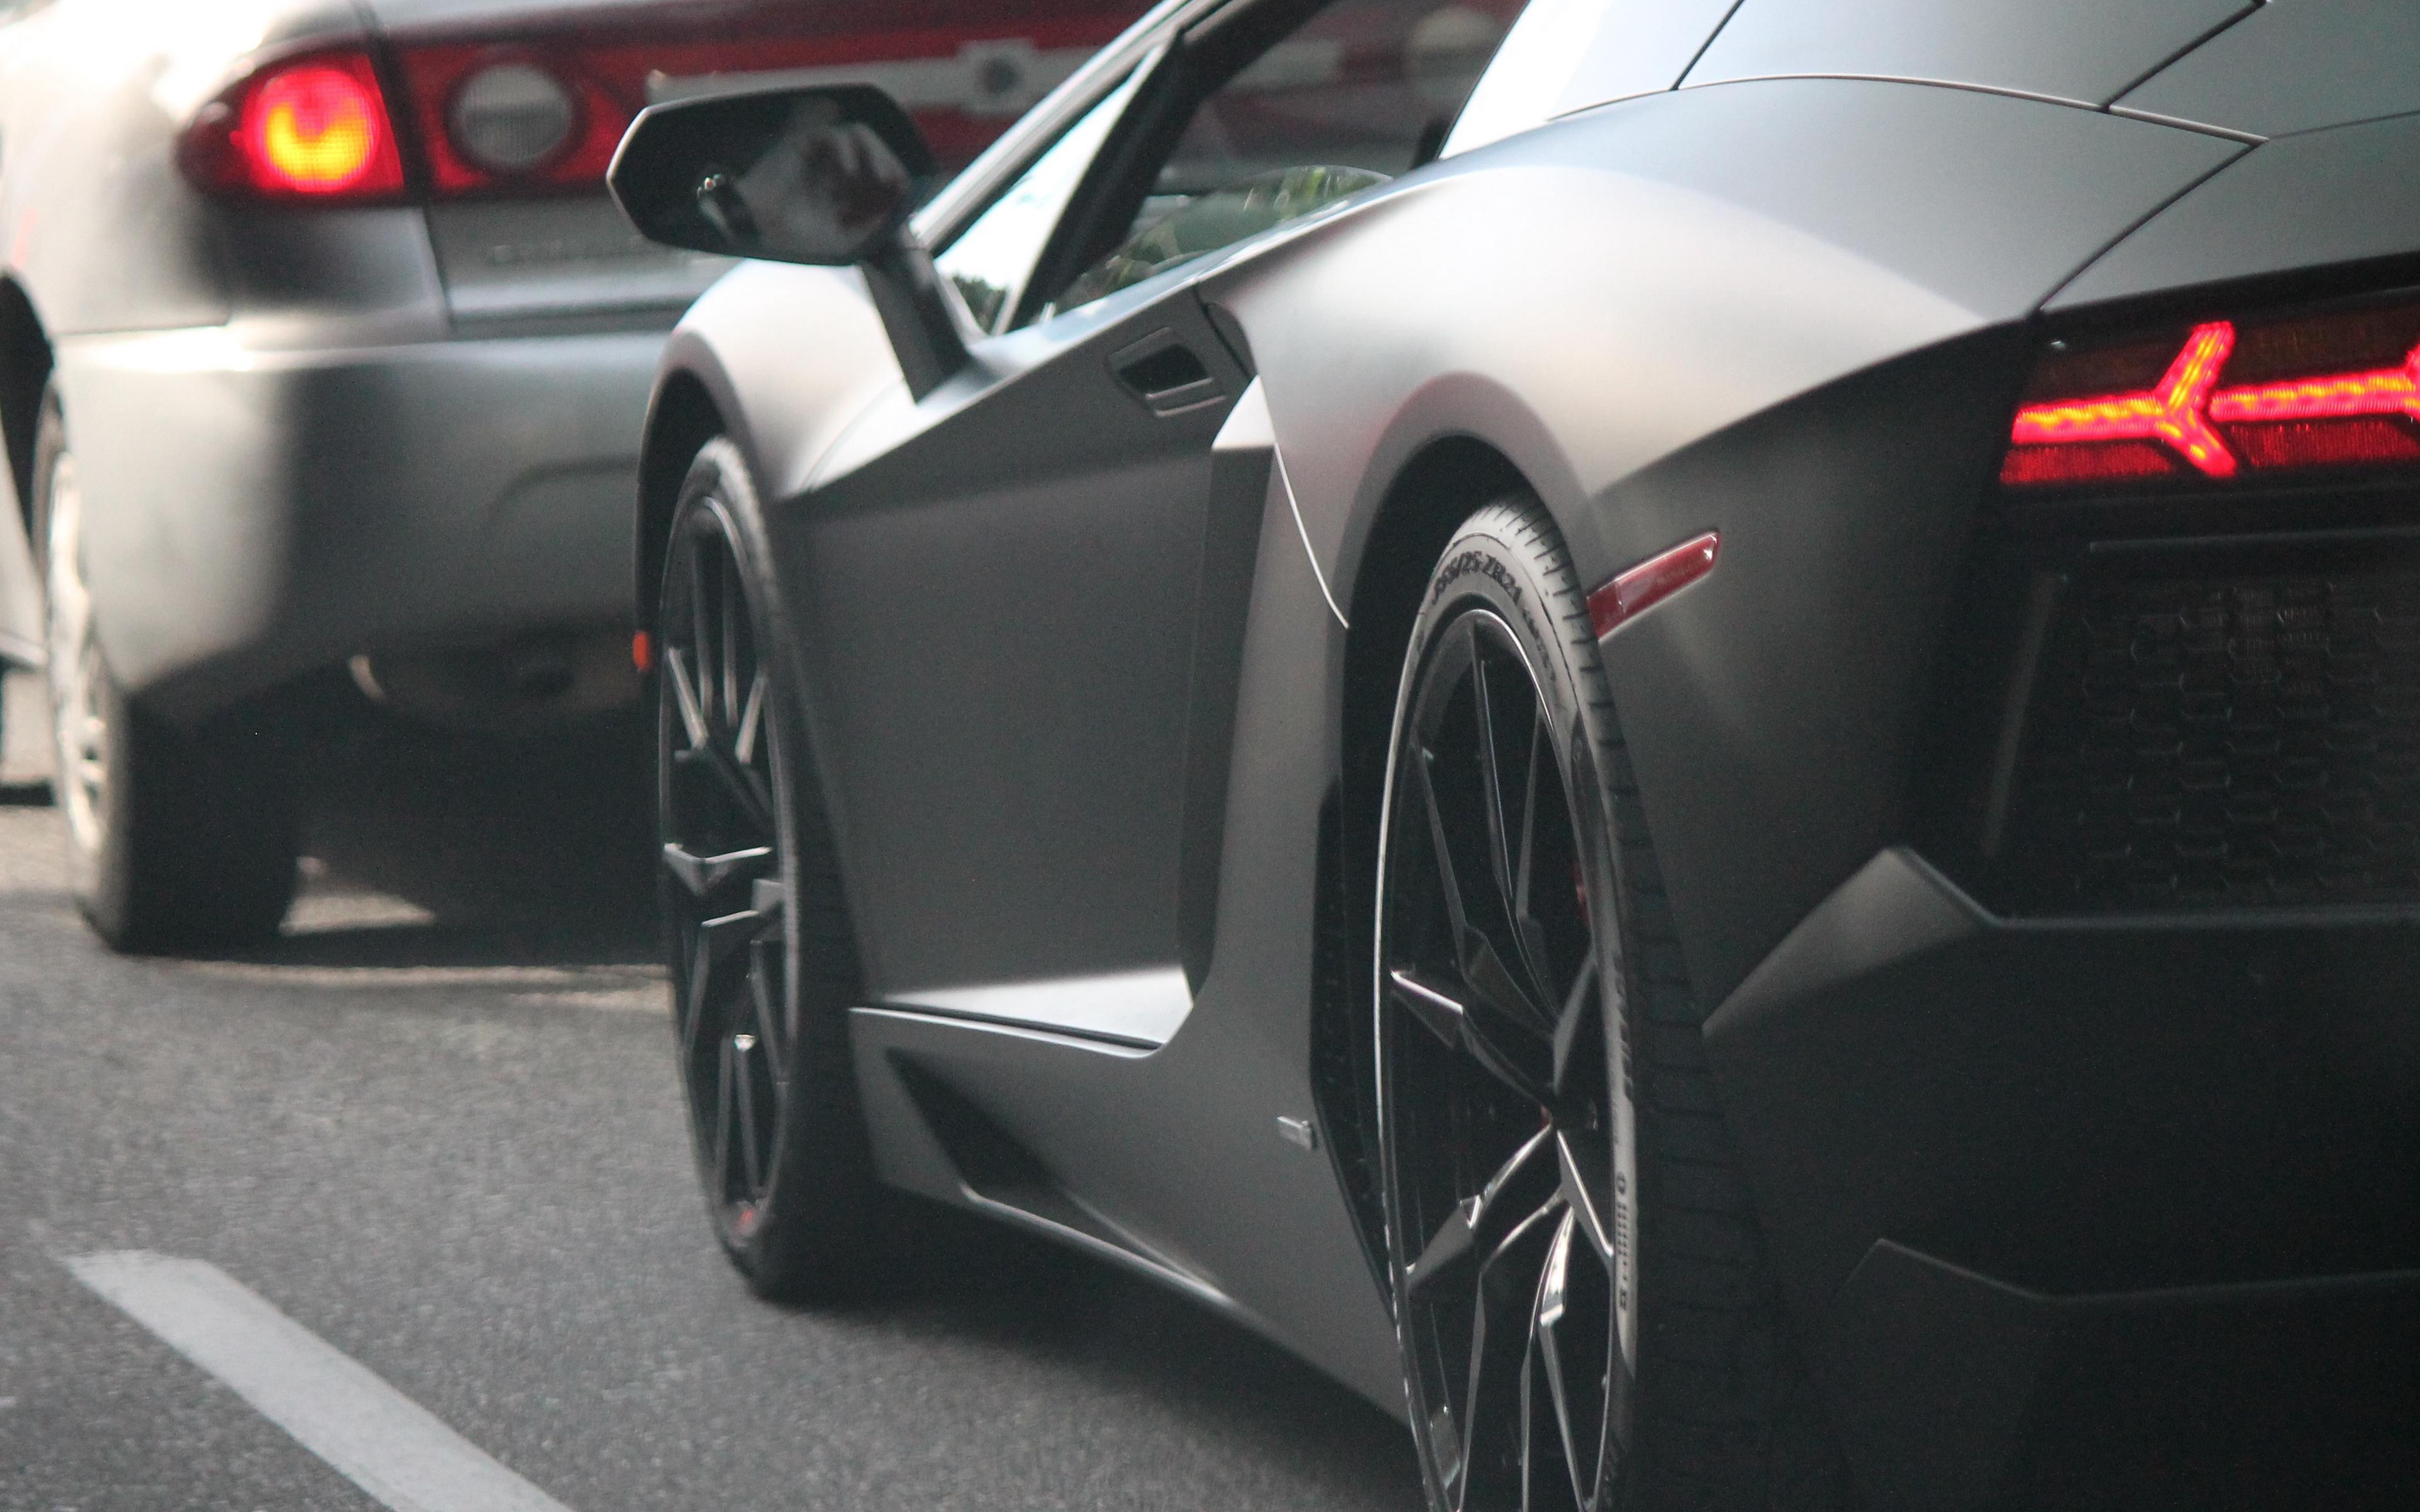 Wallpaper Lamborghini Lights Wheel Supercar Lamborghini Black On Road 3840x2400 Wallpaper Teahub Io